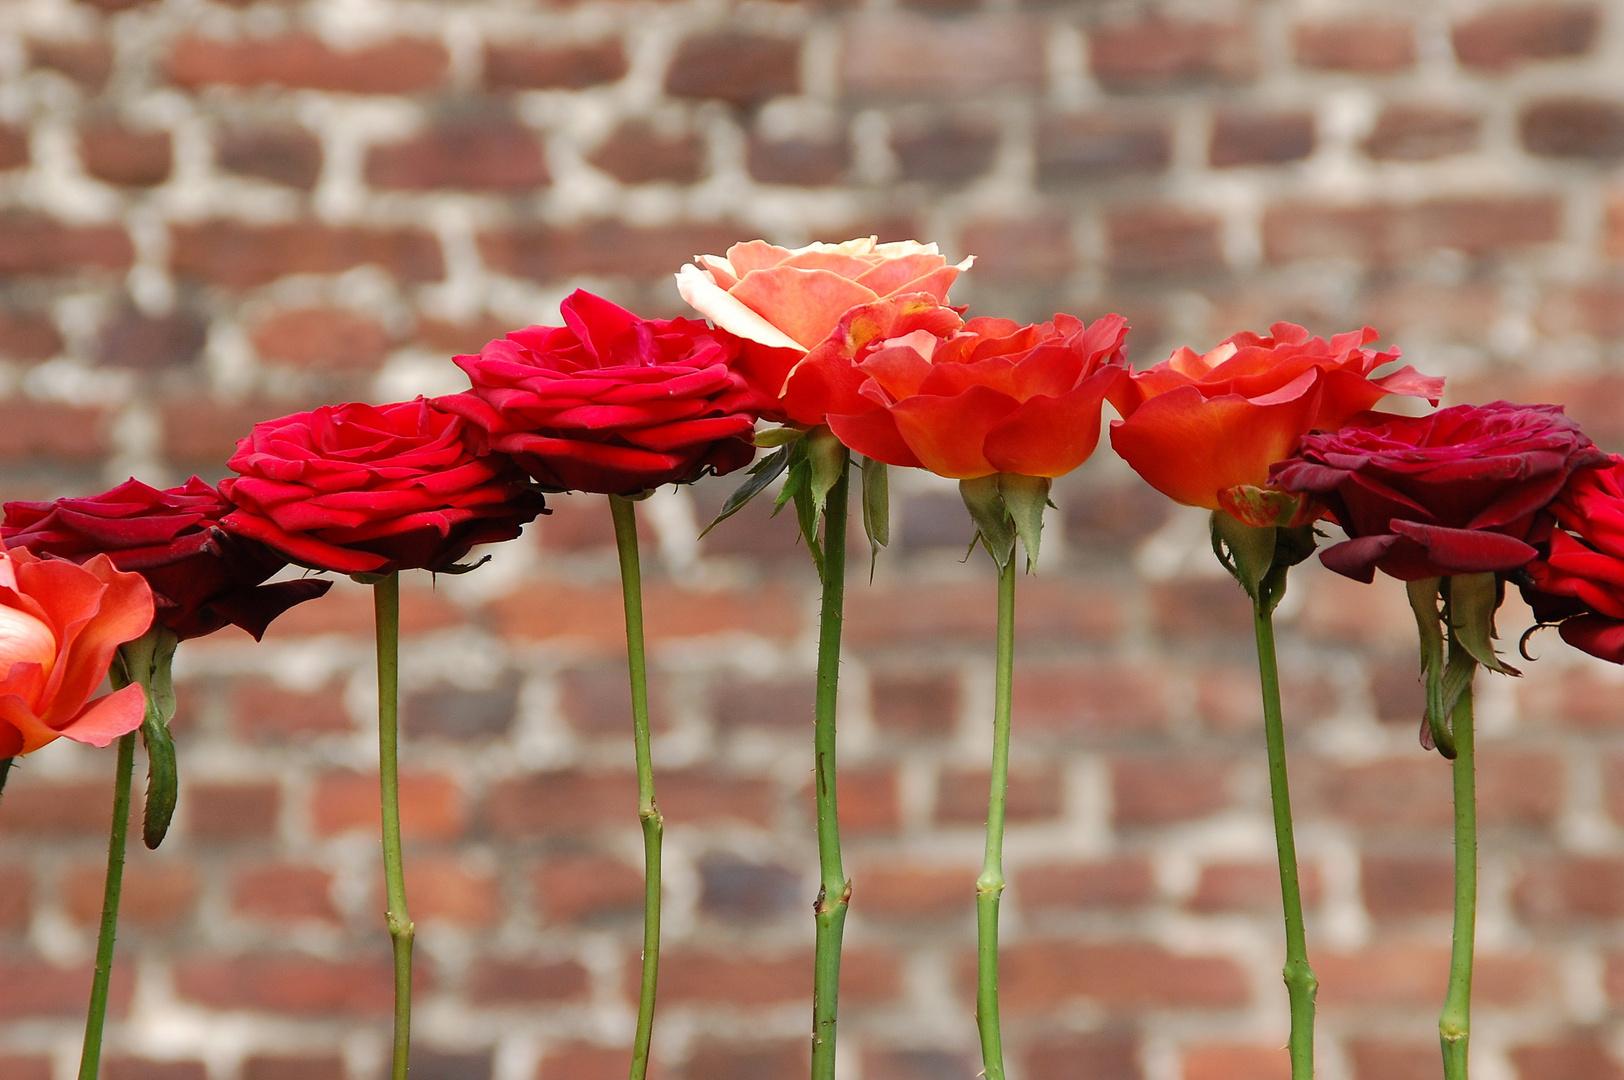 Rosen auf der Stange